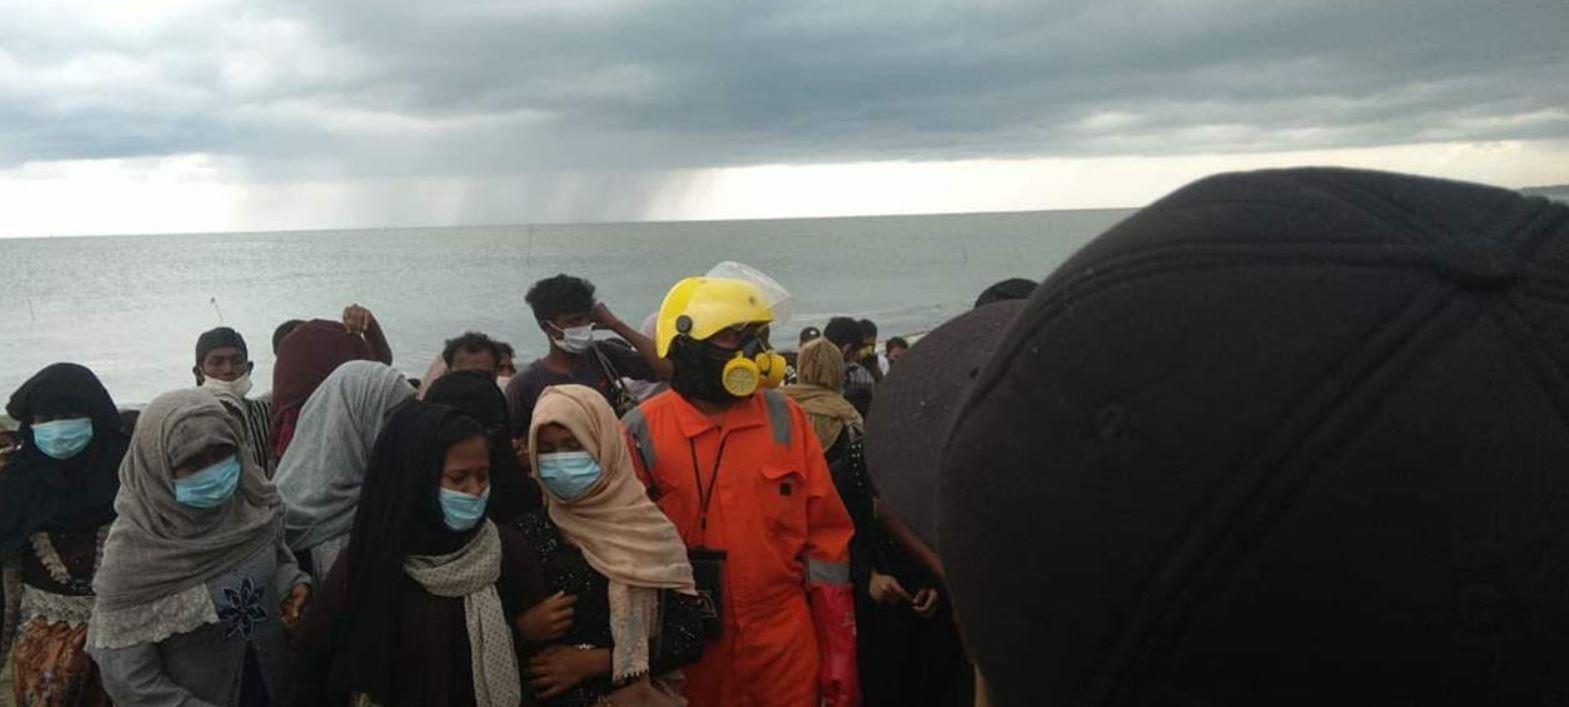 (C) UNHCR